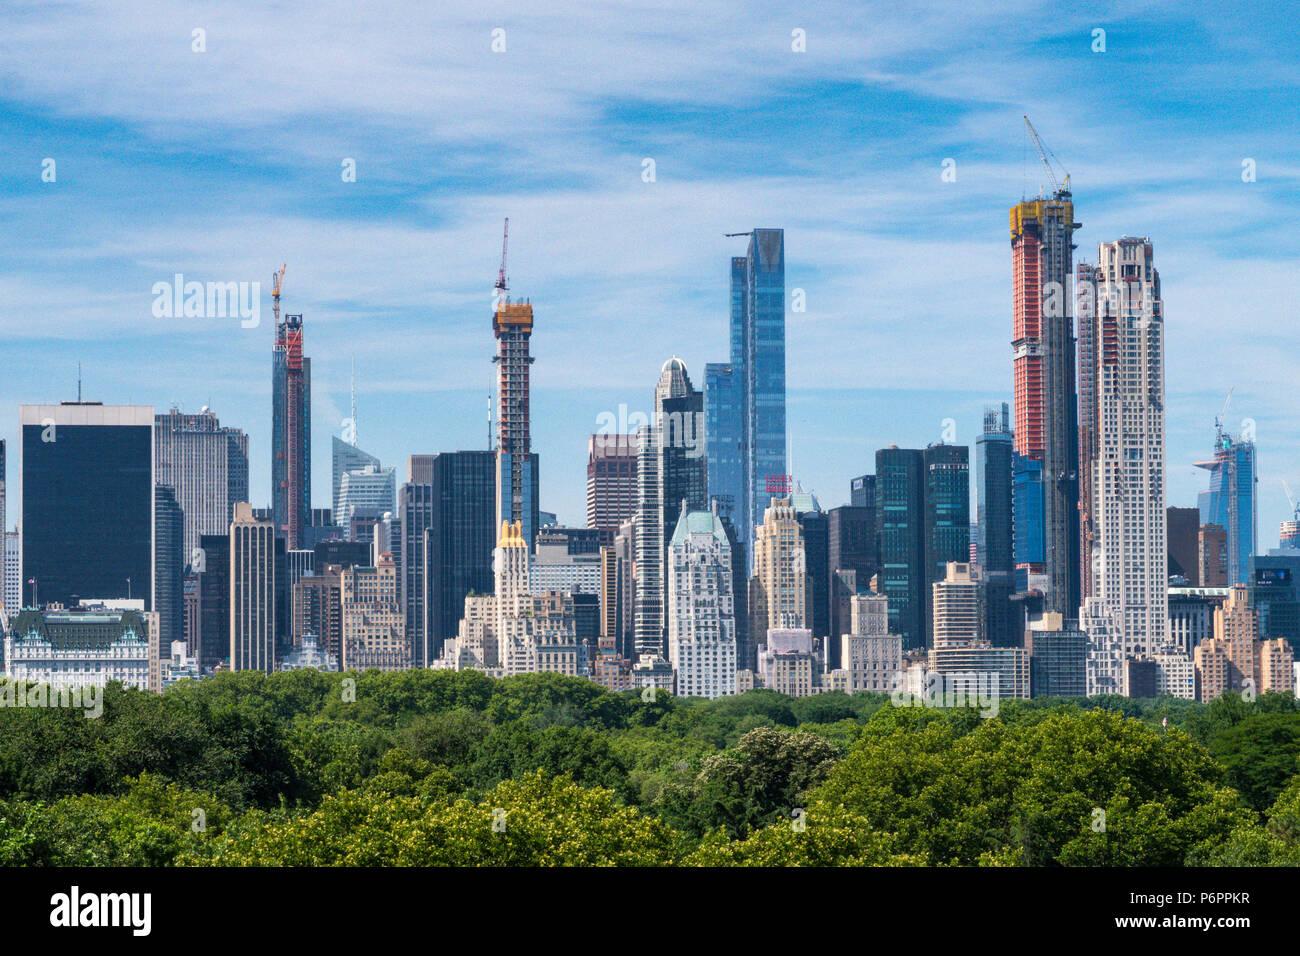 La Ciudad de Nueva York con el Central Park en primer plano, en la ciudad de Nueva York, EE.UU. Imagen De Stock